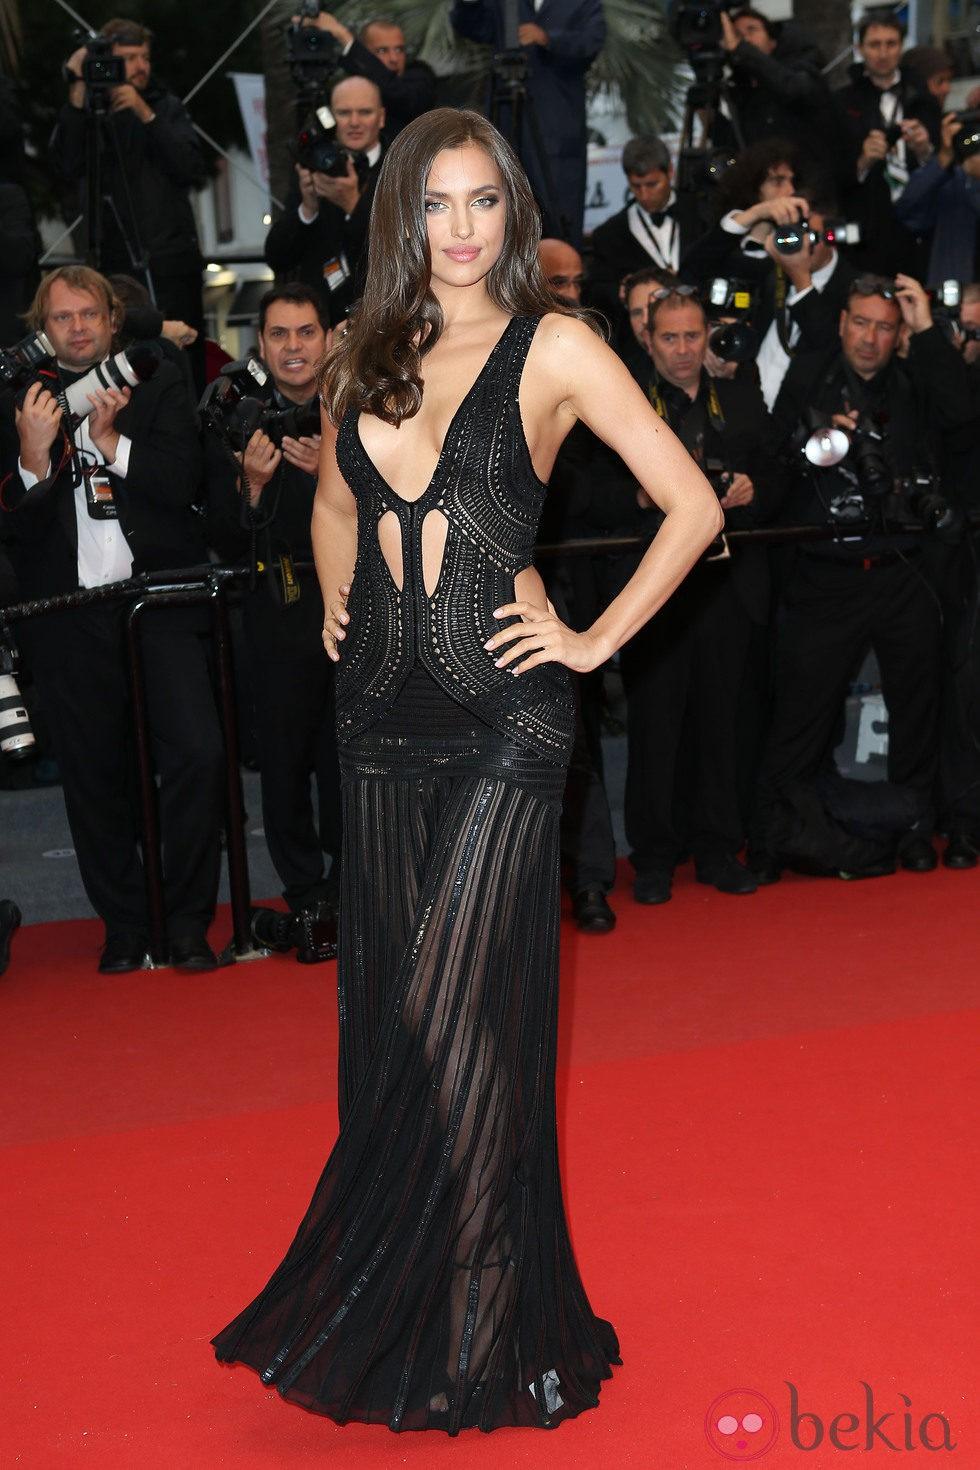 Irina Shayk en el estreno de 'All is Lost' en el Festival de Cannes 2013